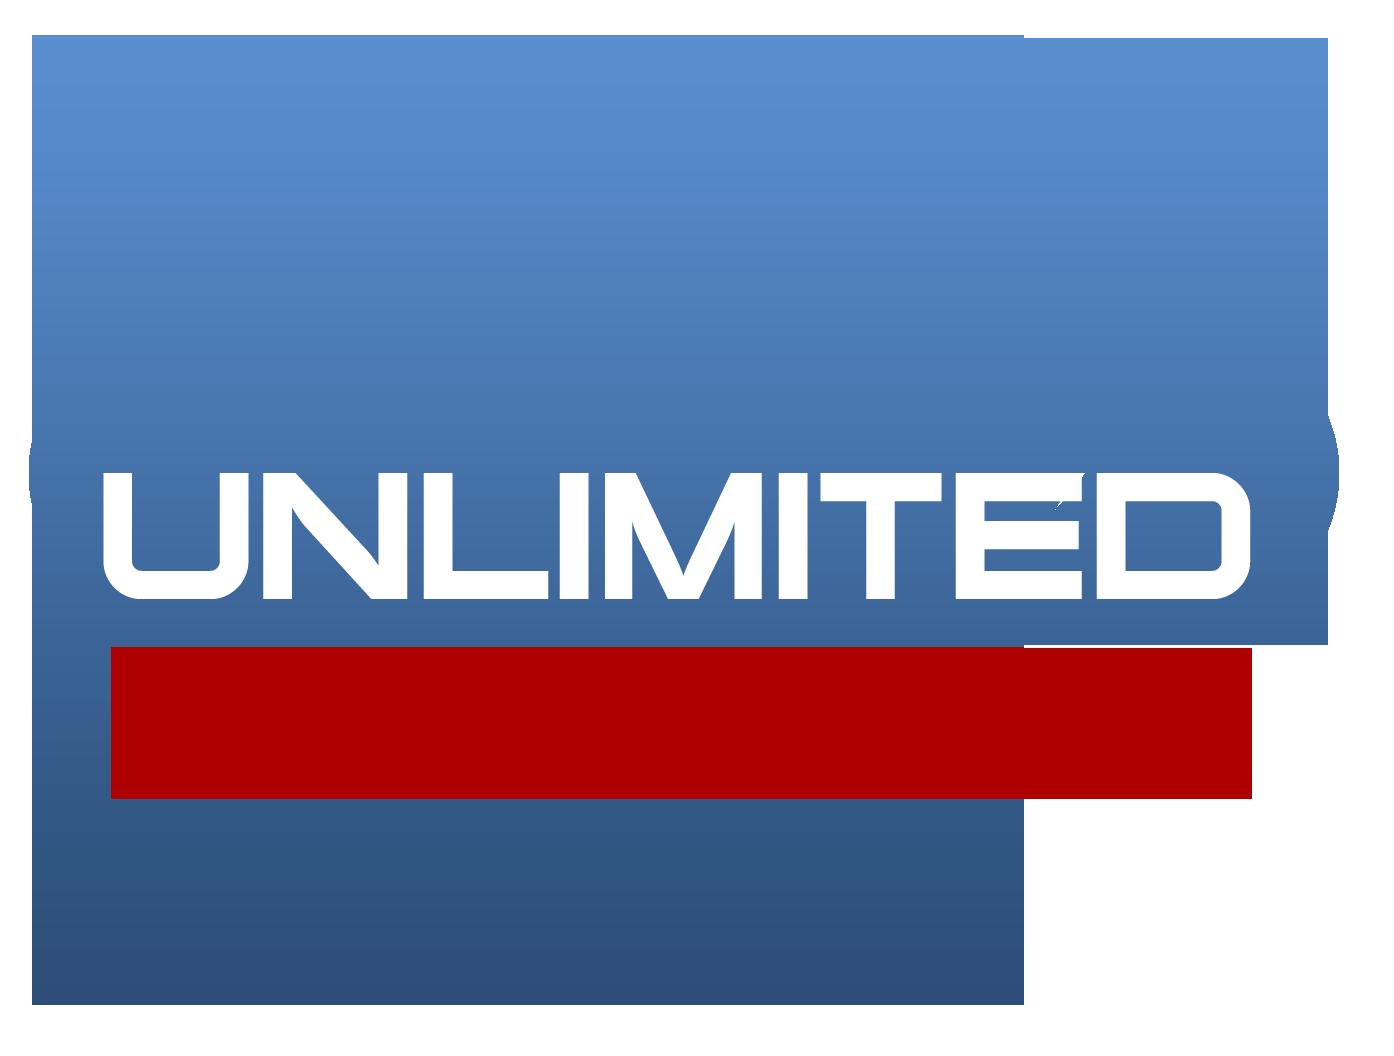 www.unlimitedsounds.com